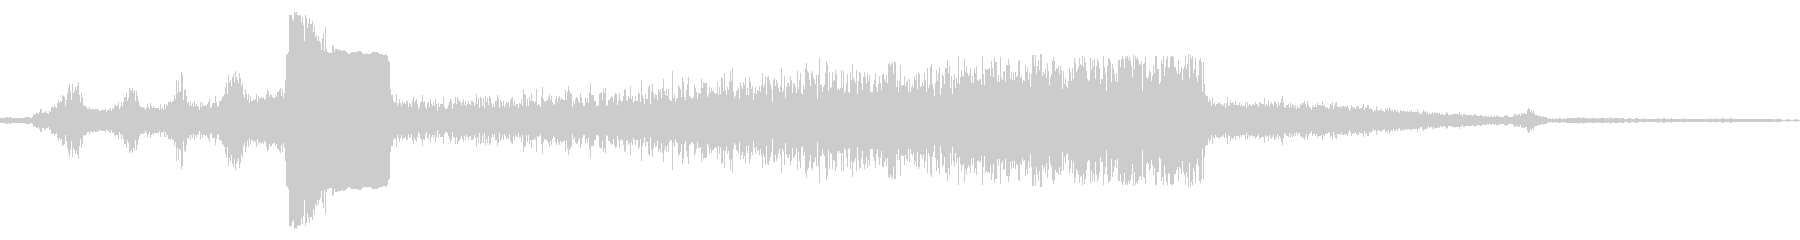 リンカーンRevs 1、2,3ピー...の未再生の波形